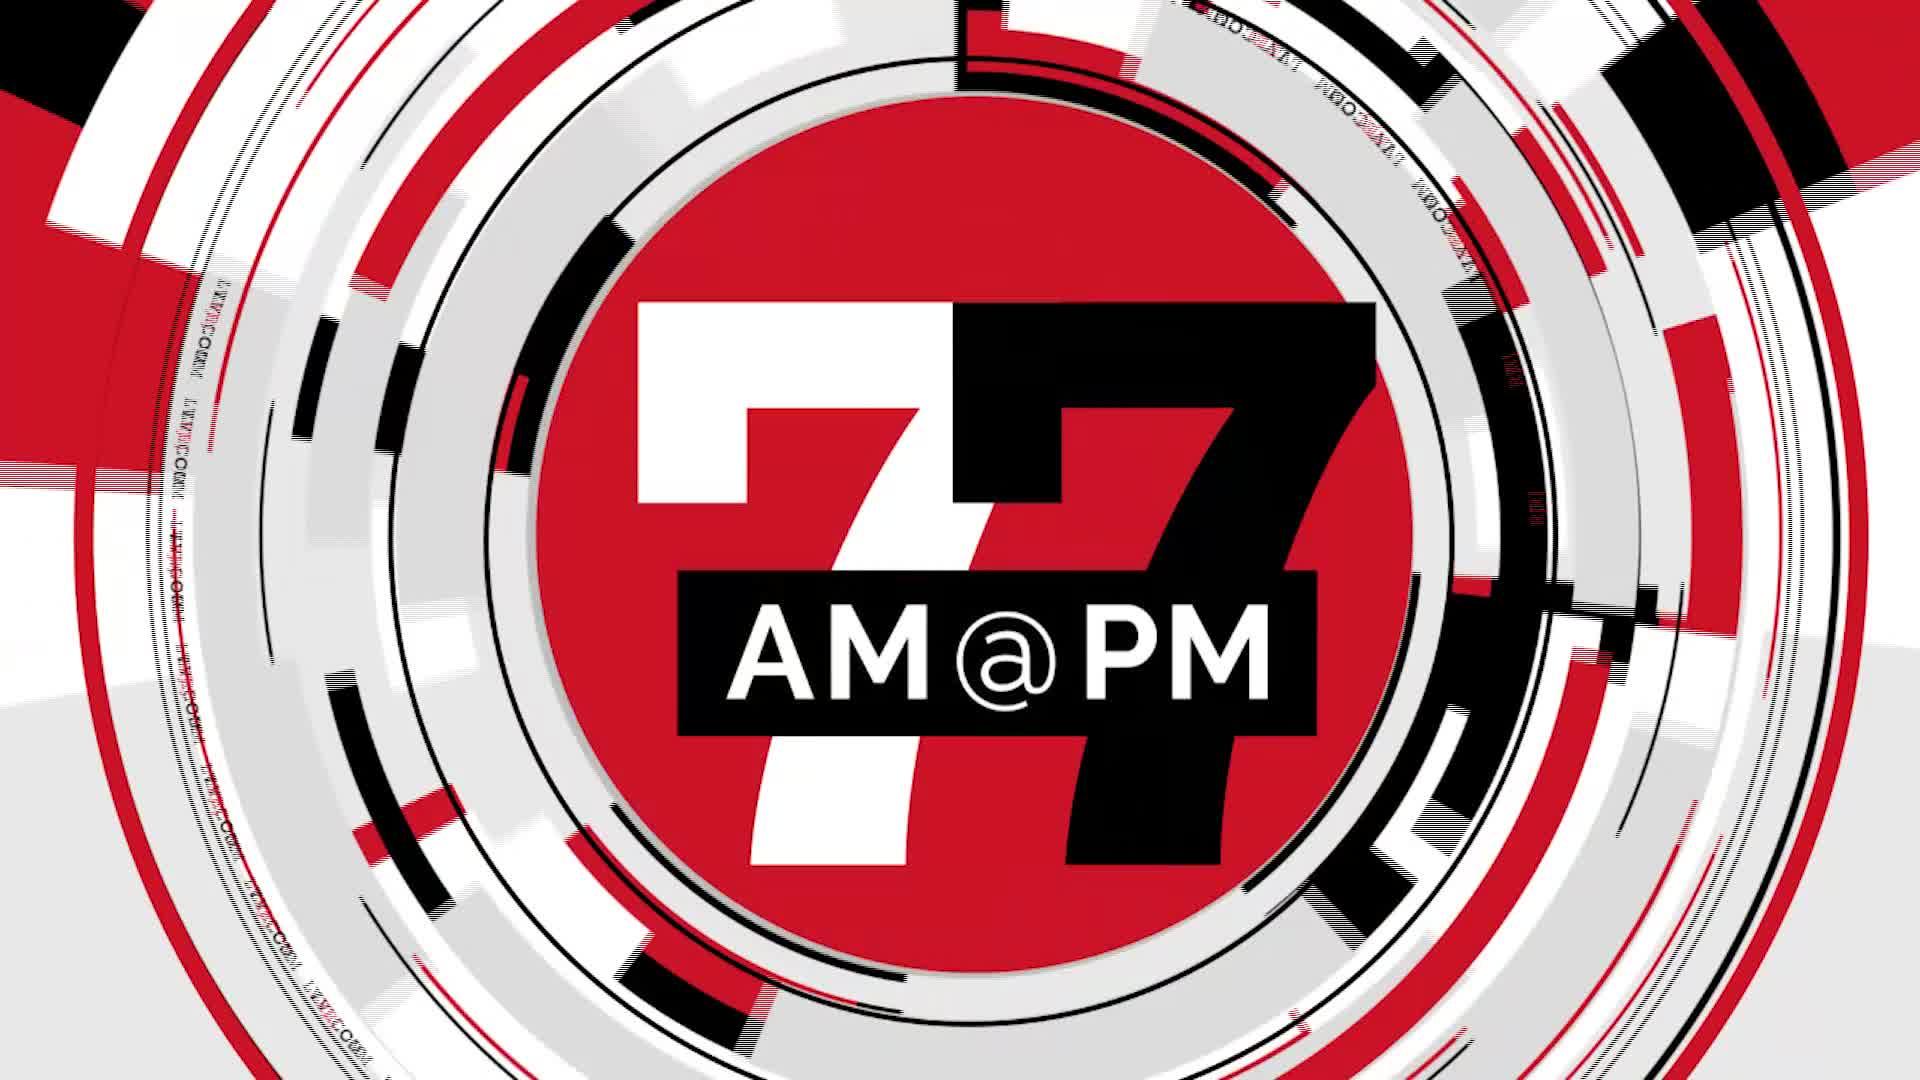 7@7PM Raiders Superbowl odds